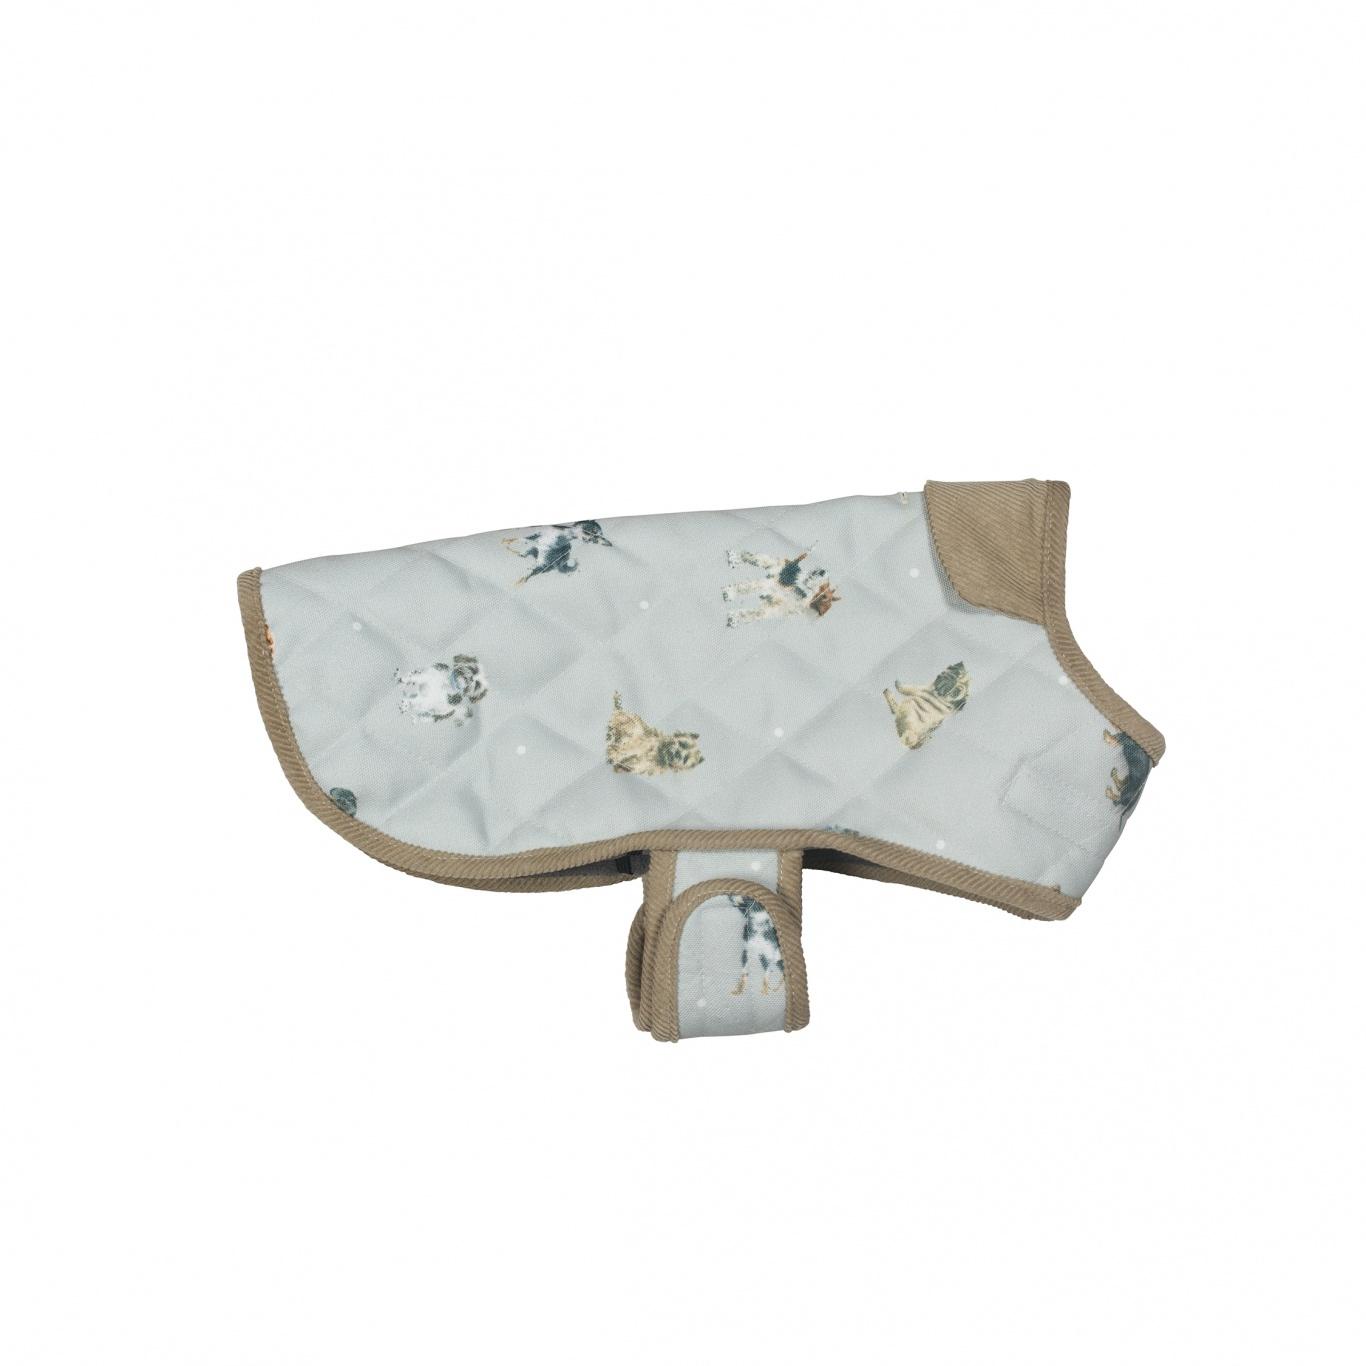 Image of Wrendale Small Dog Coat